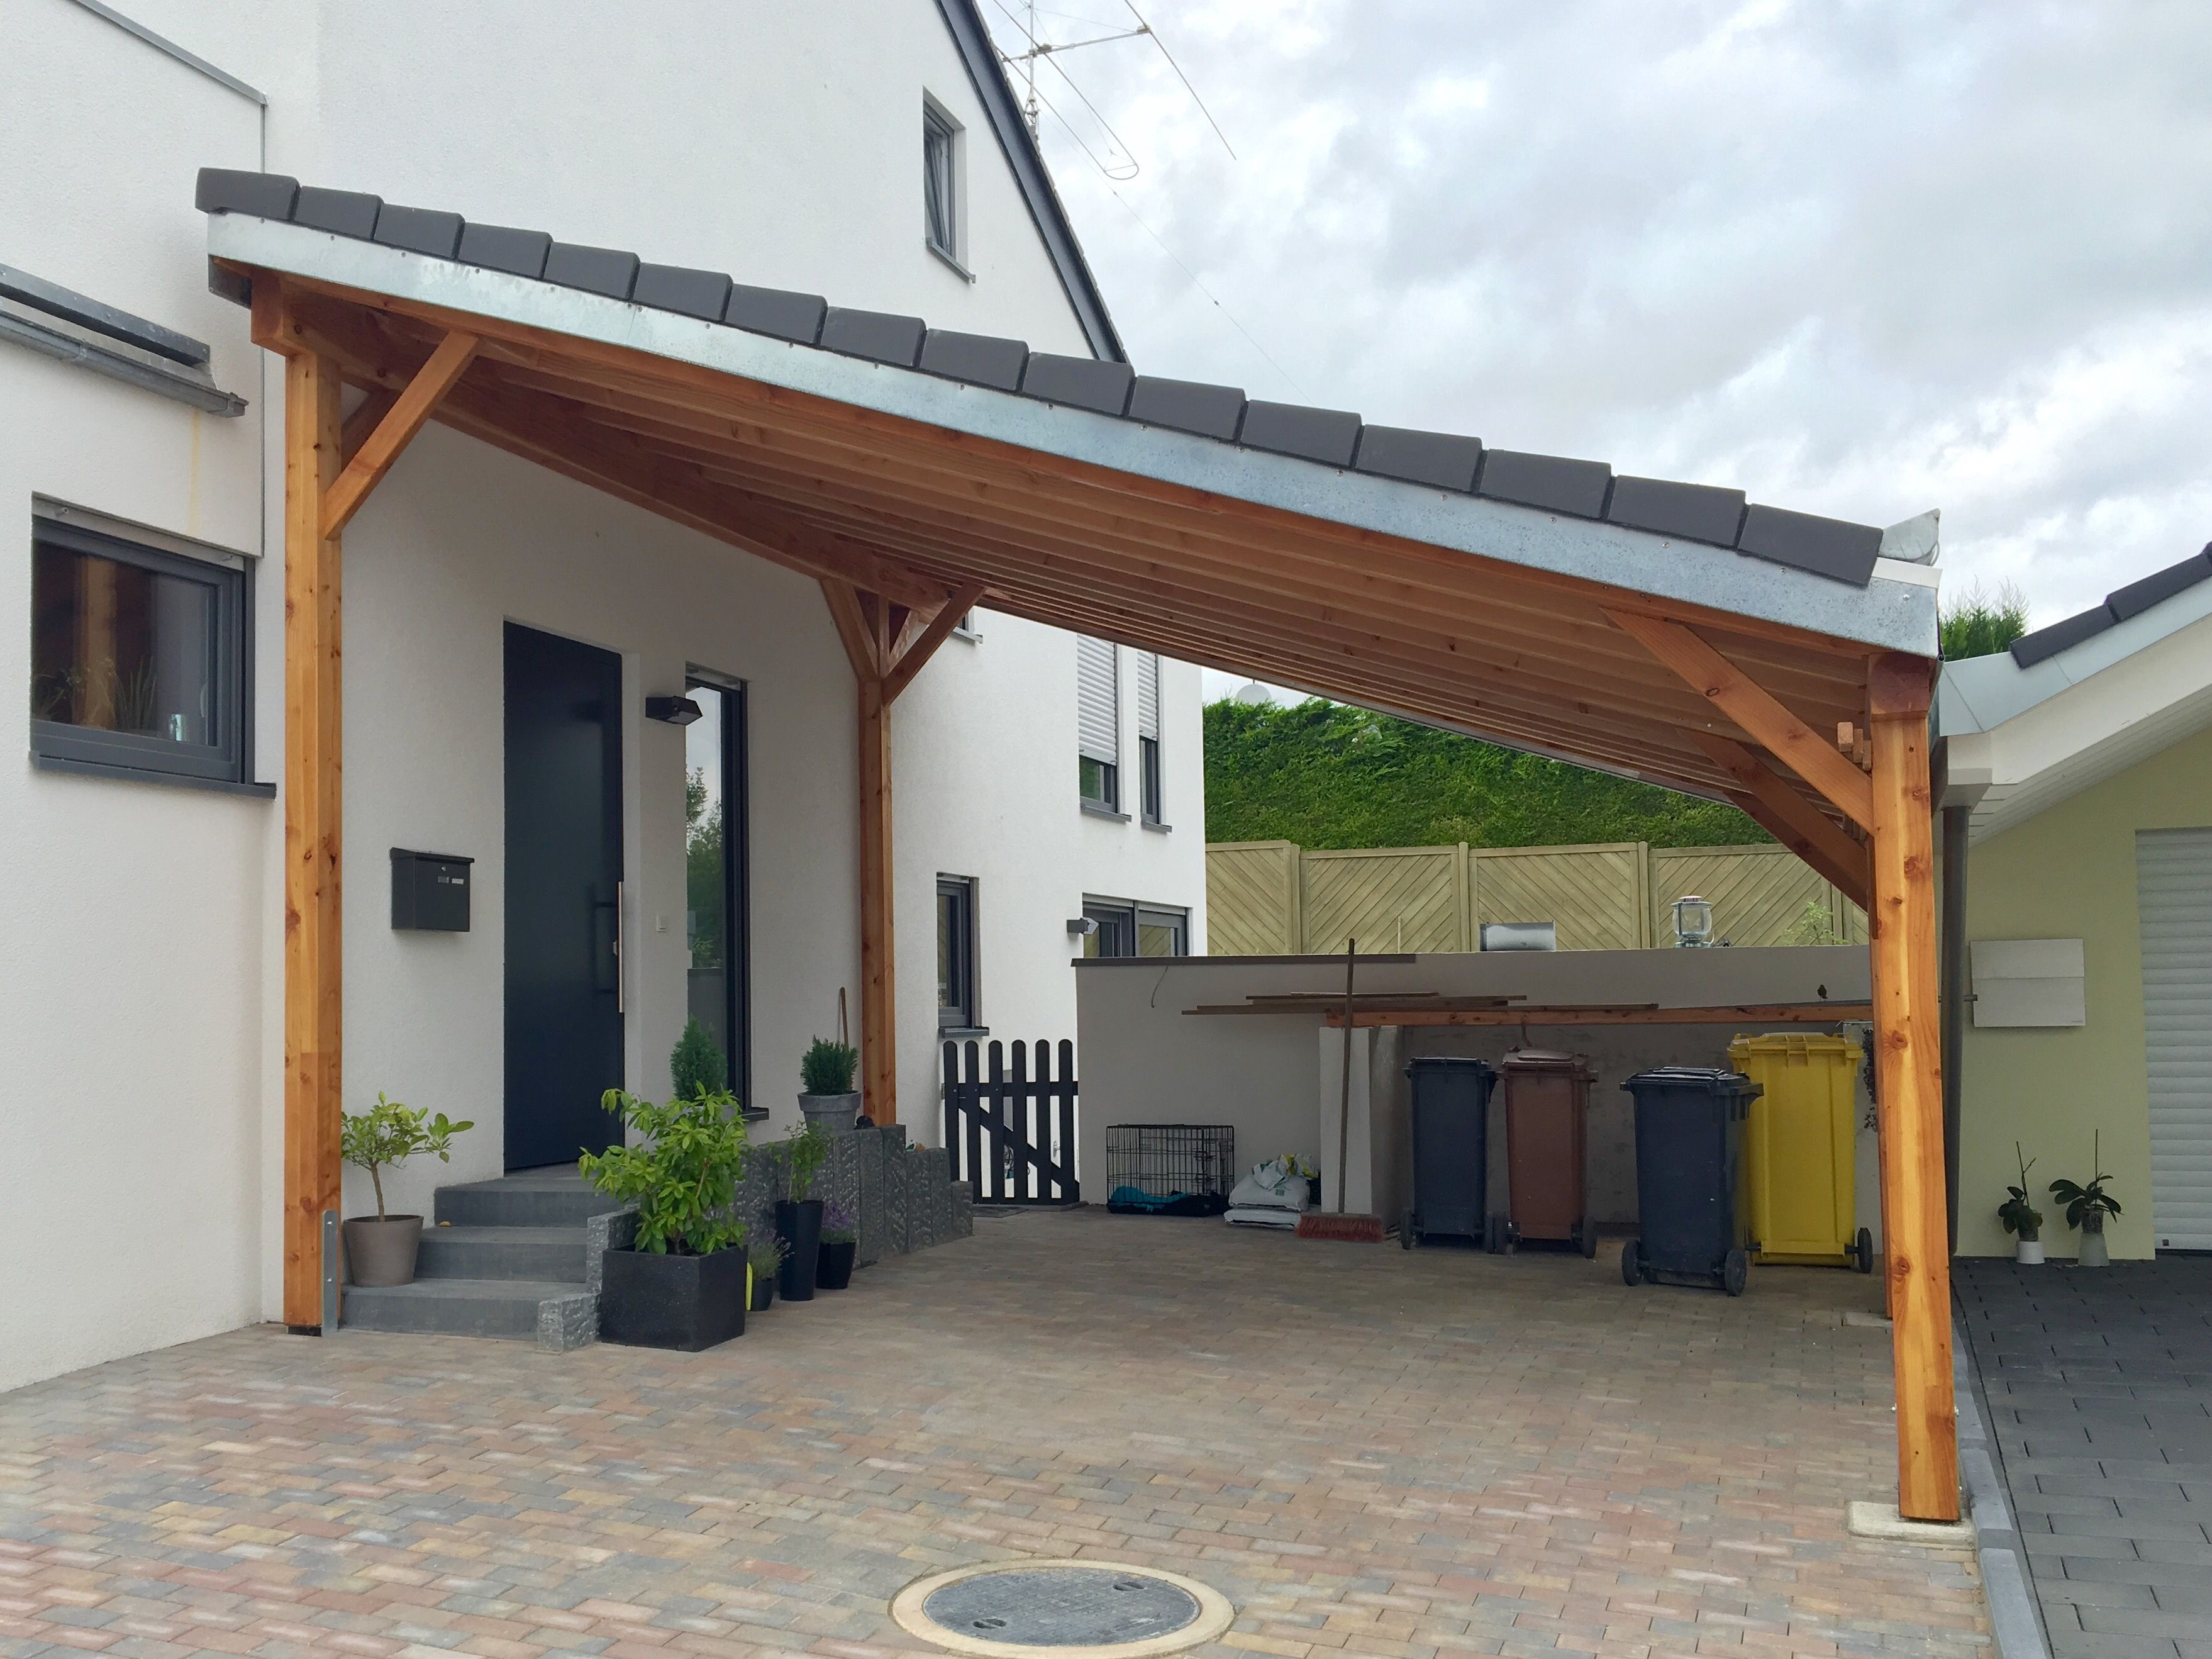 Pin Von Mckayla Lynn Auf Kinderkram Carport Holz Garage Aus Holz Pultdach